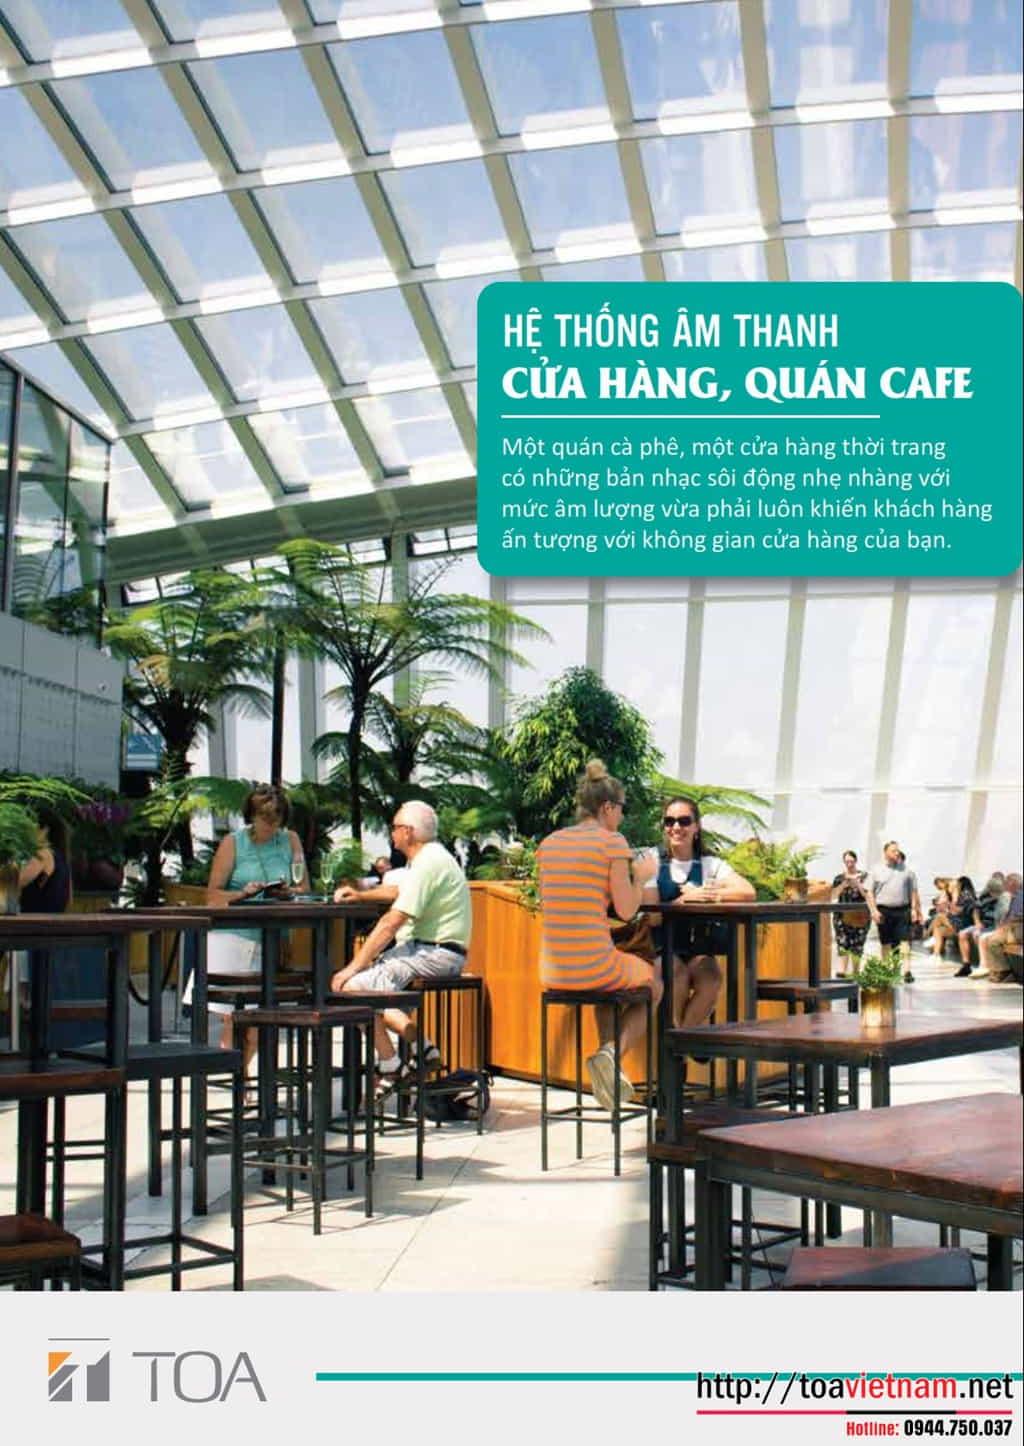 Mô hình âm thanh quán cafe phổ biến